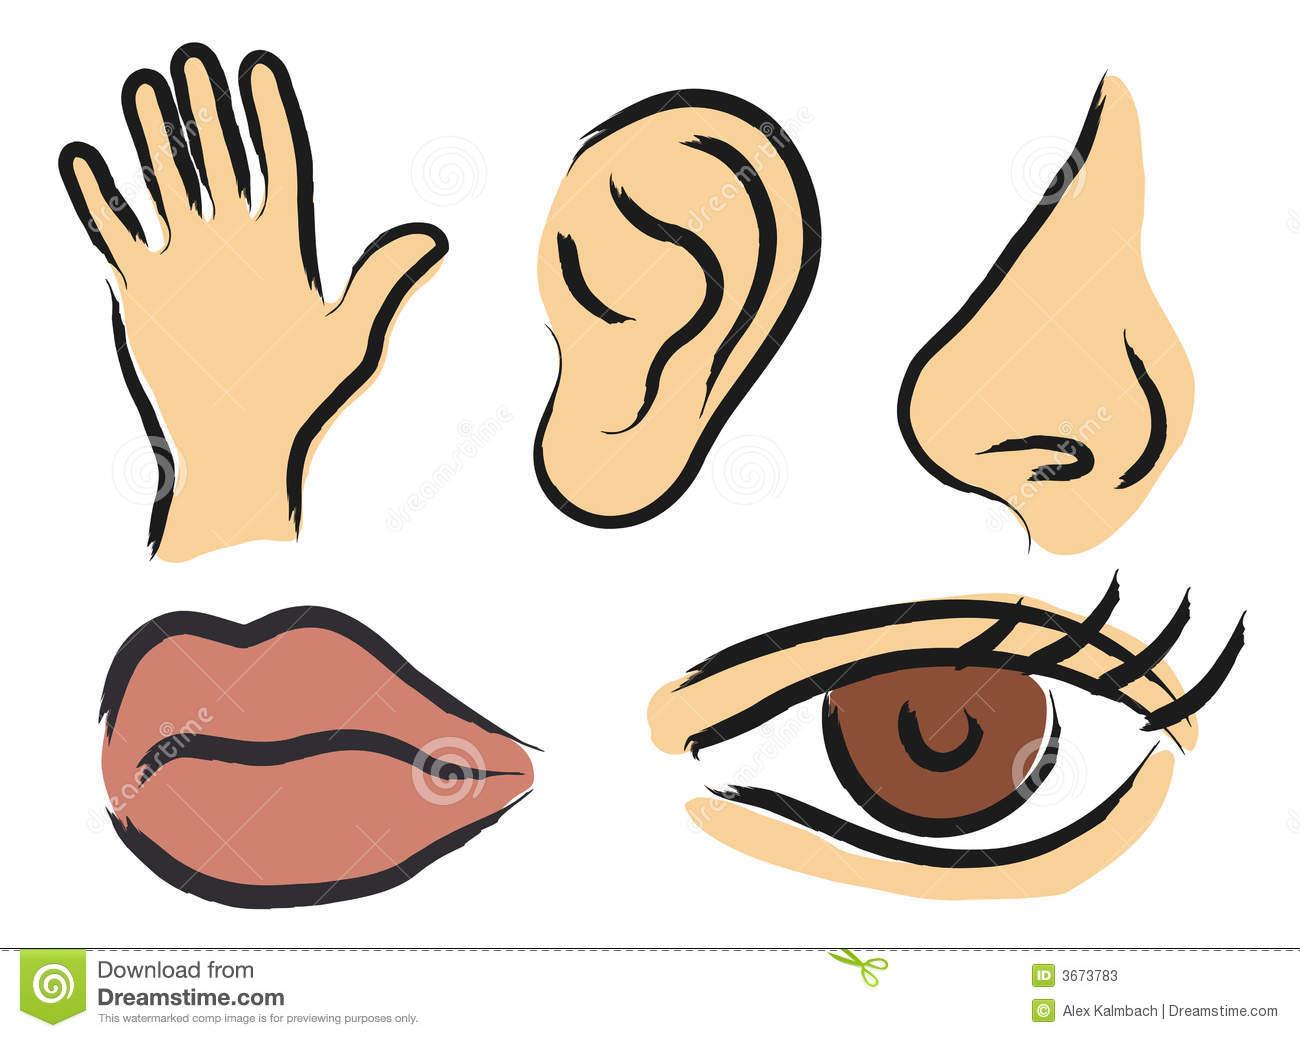 5 senses clipart sense organ, 5 senses sense organ.